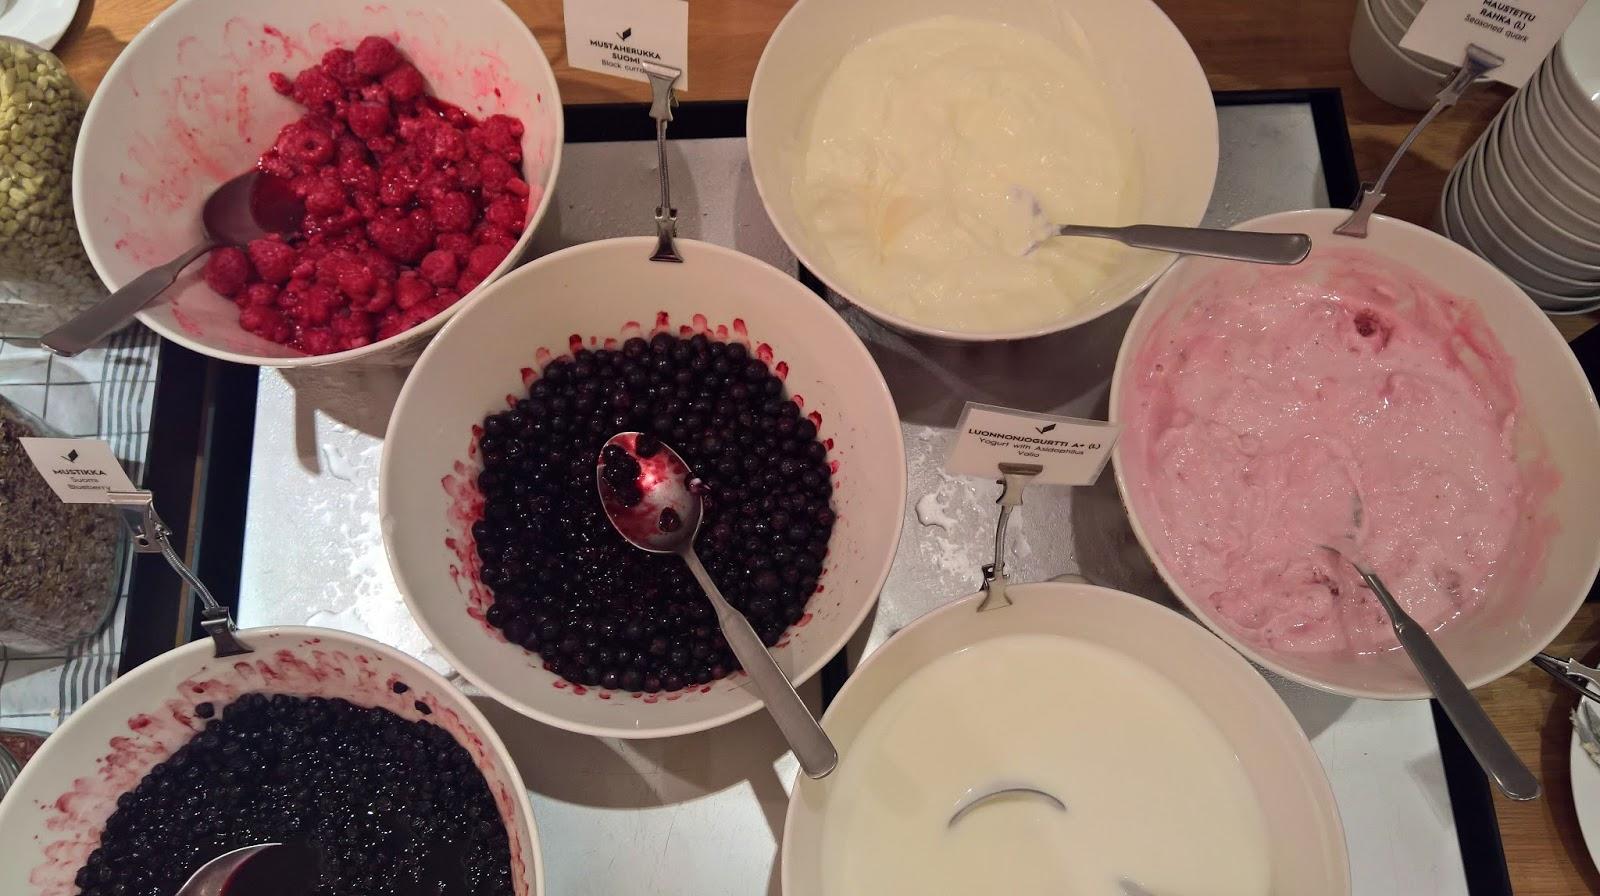 Hotelli Verso suomalainen aamiainen jyväskylä mallaspulla jogurttia ja marjoja